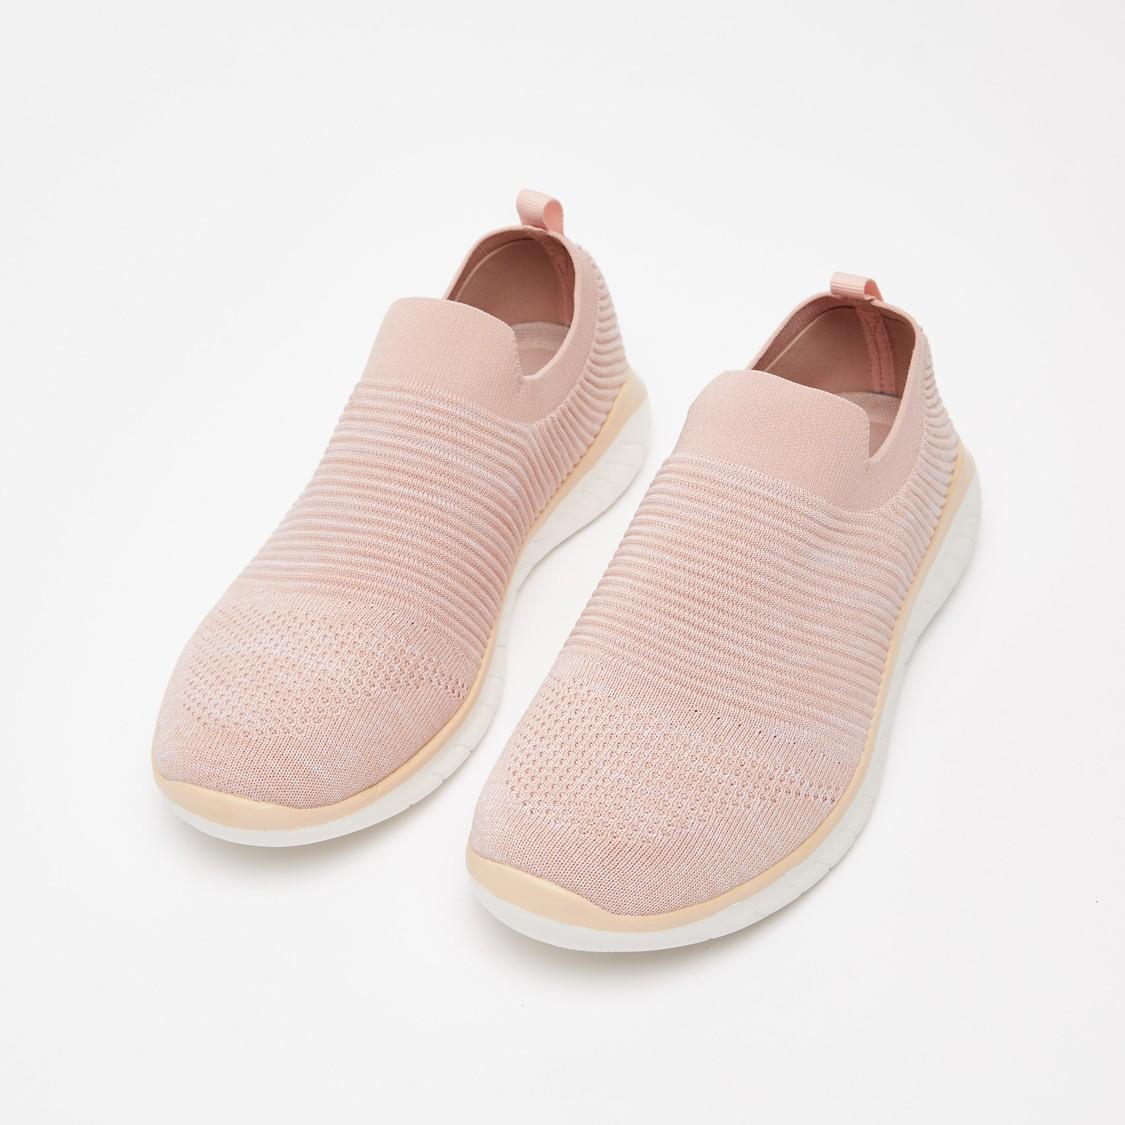 حذاء بارز الملمس سهل الارتداء بأطراف مطاطية ولسان سحب